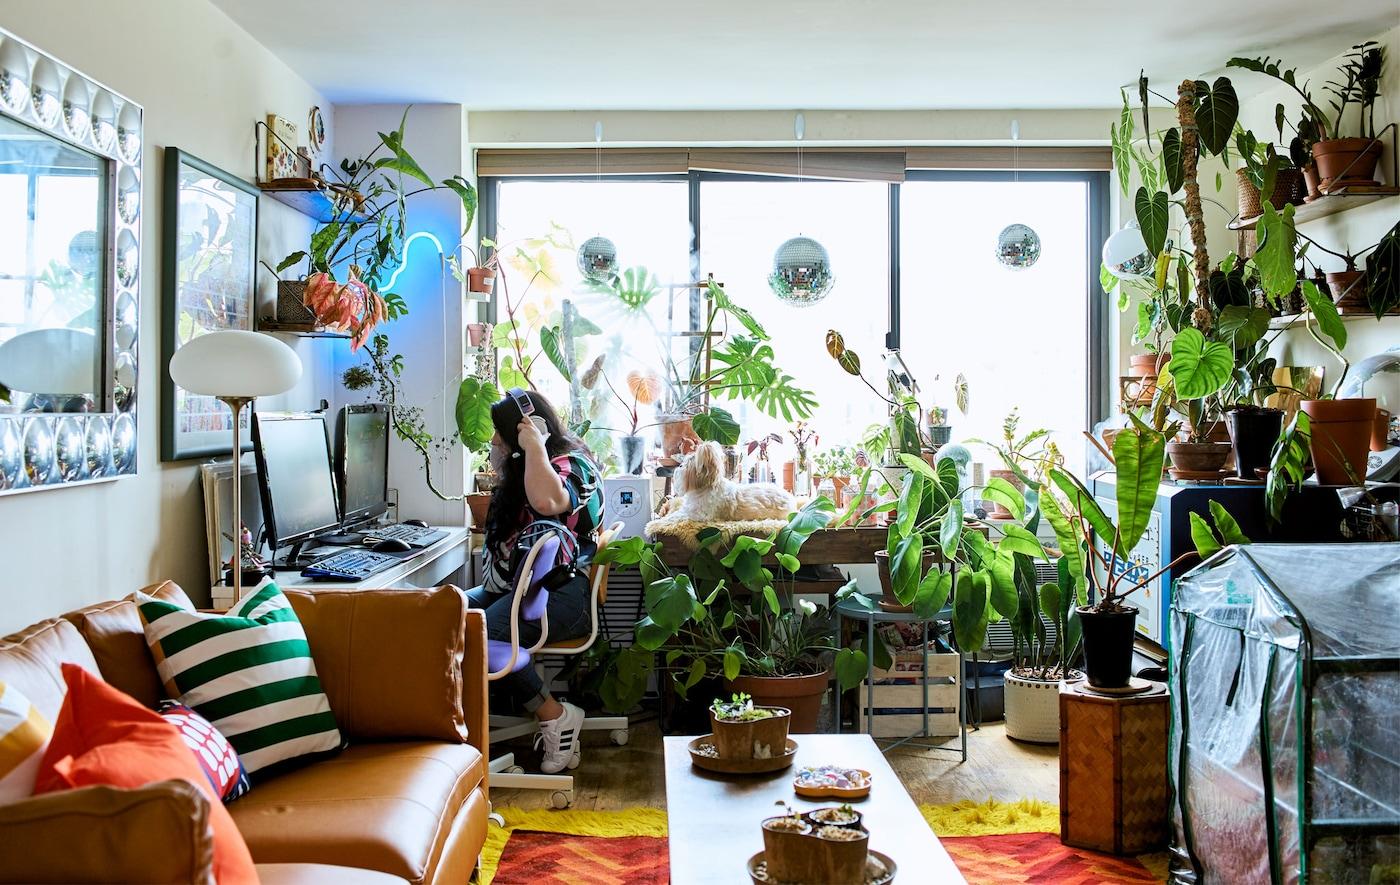 Opholdsområde med åben indretning med en udstilling af planter og en arbejdsplads foran vinduet.